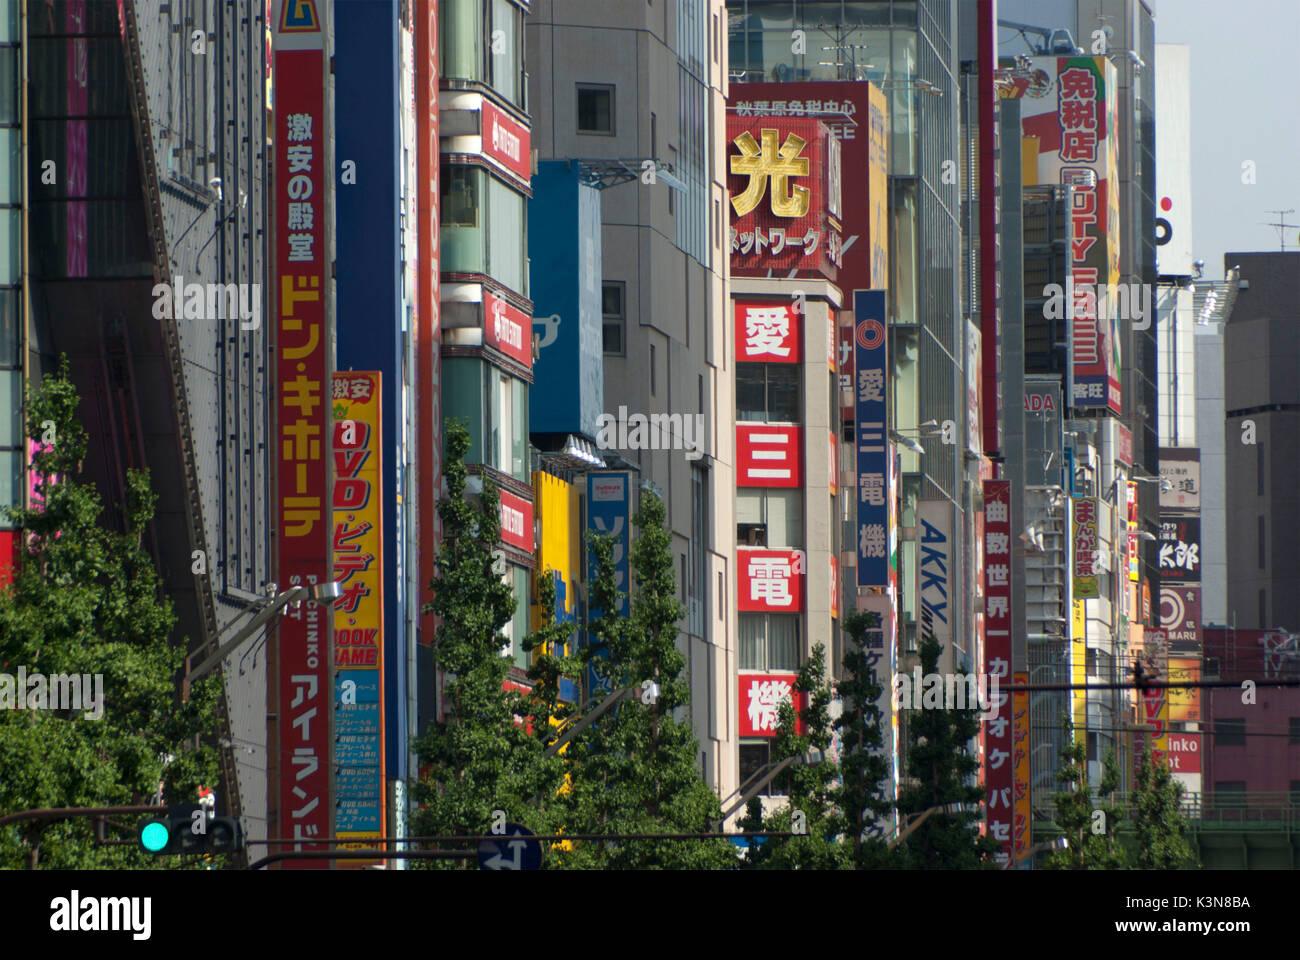 Las señales luminosas verticales de tiendas japonesas alog Akiba, calle de la tecnología.Tokio, Japón Imagen De Stock